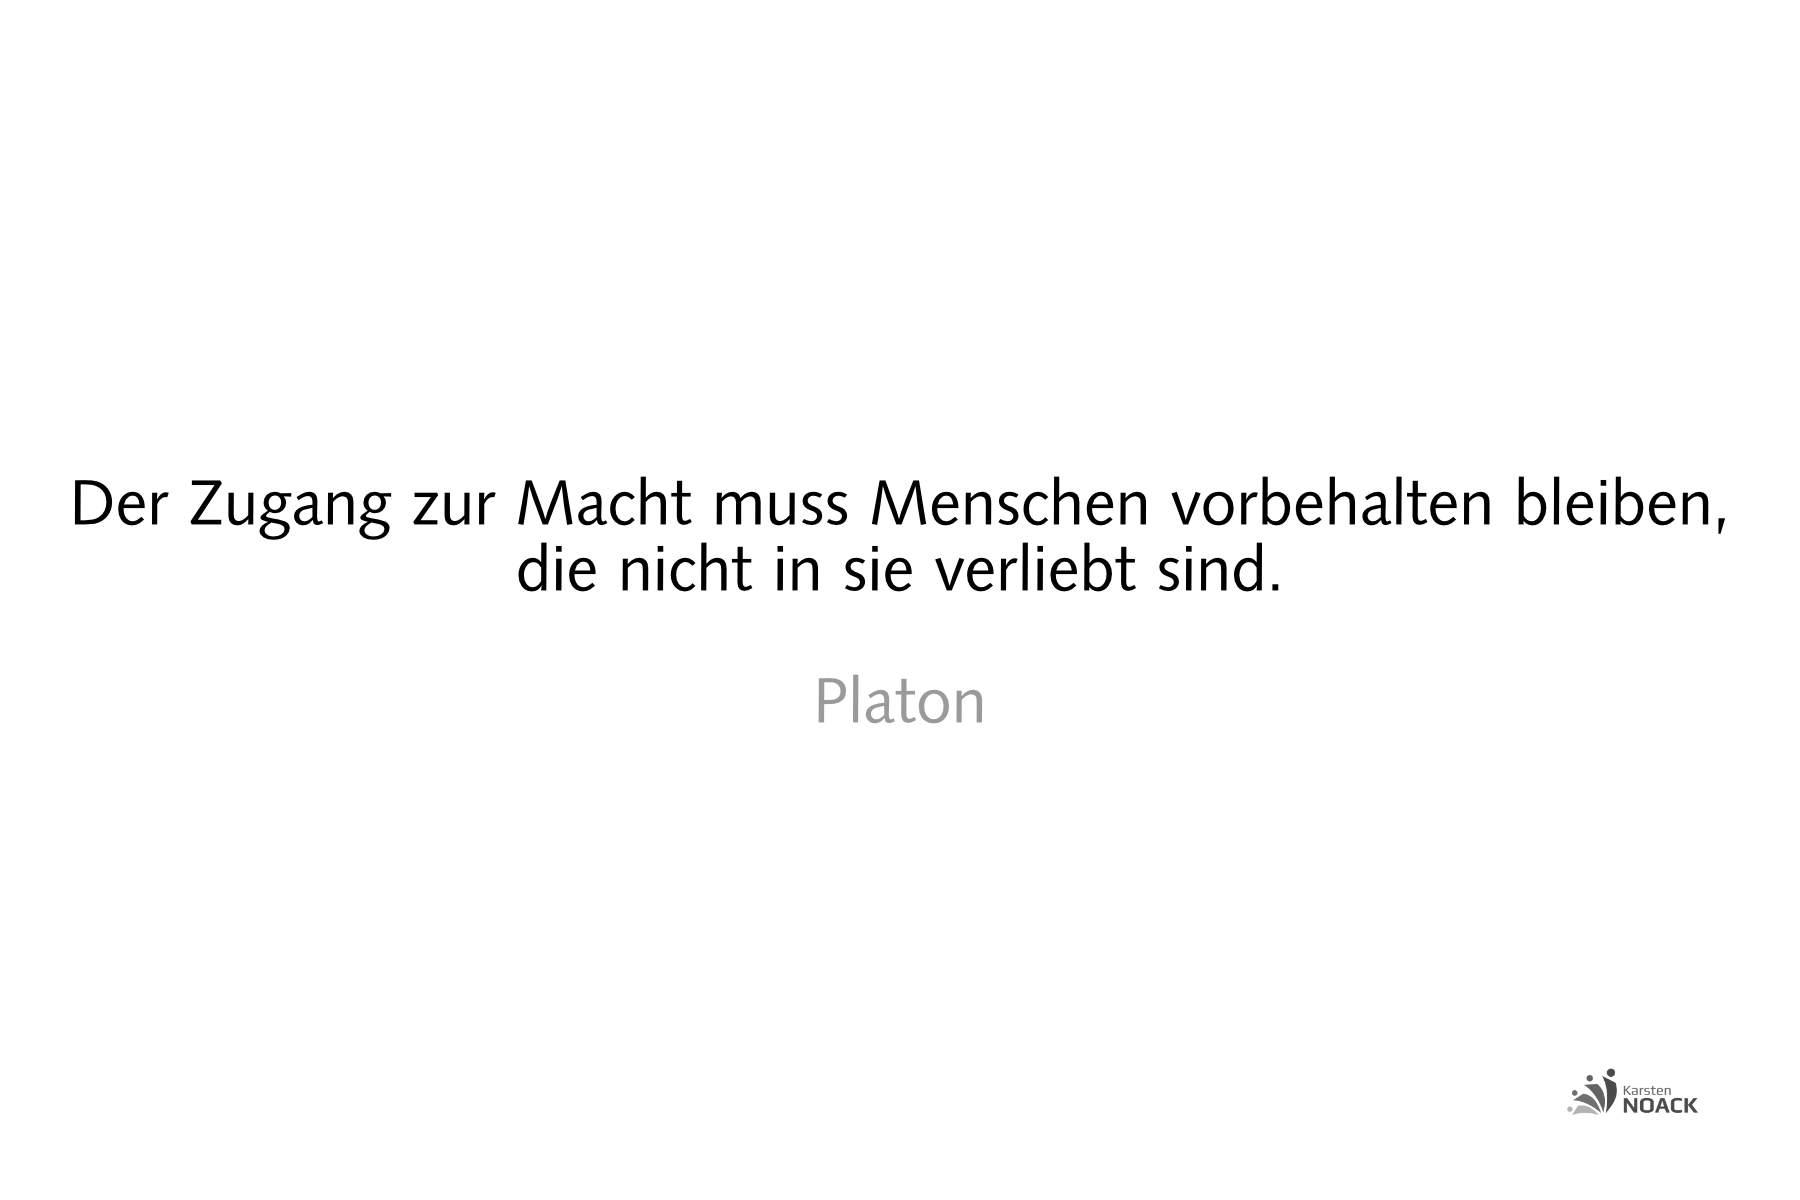 Der Zugang zur Macht muss Menschen vorbehalten bleiben, die nicht in sie verliebt sind. Platon